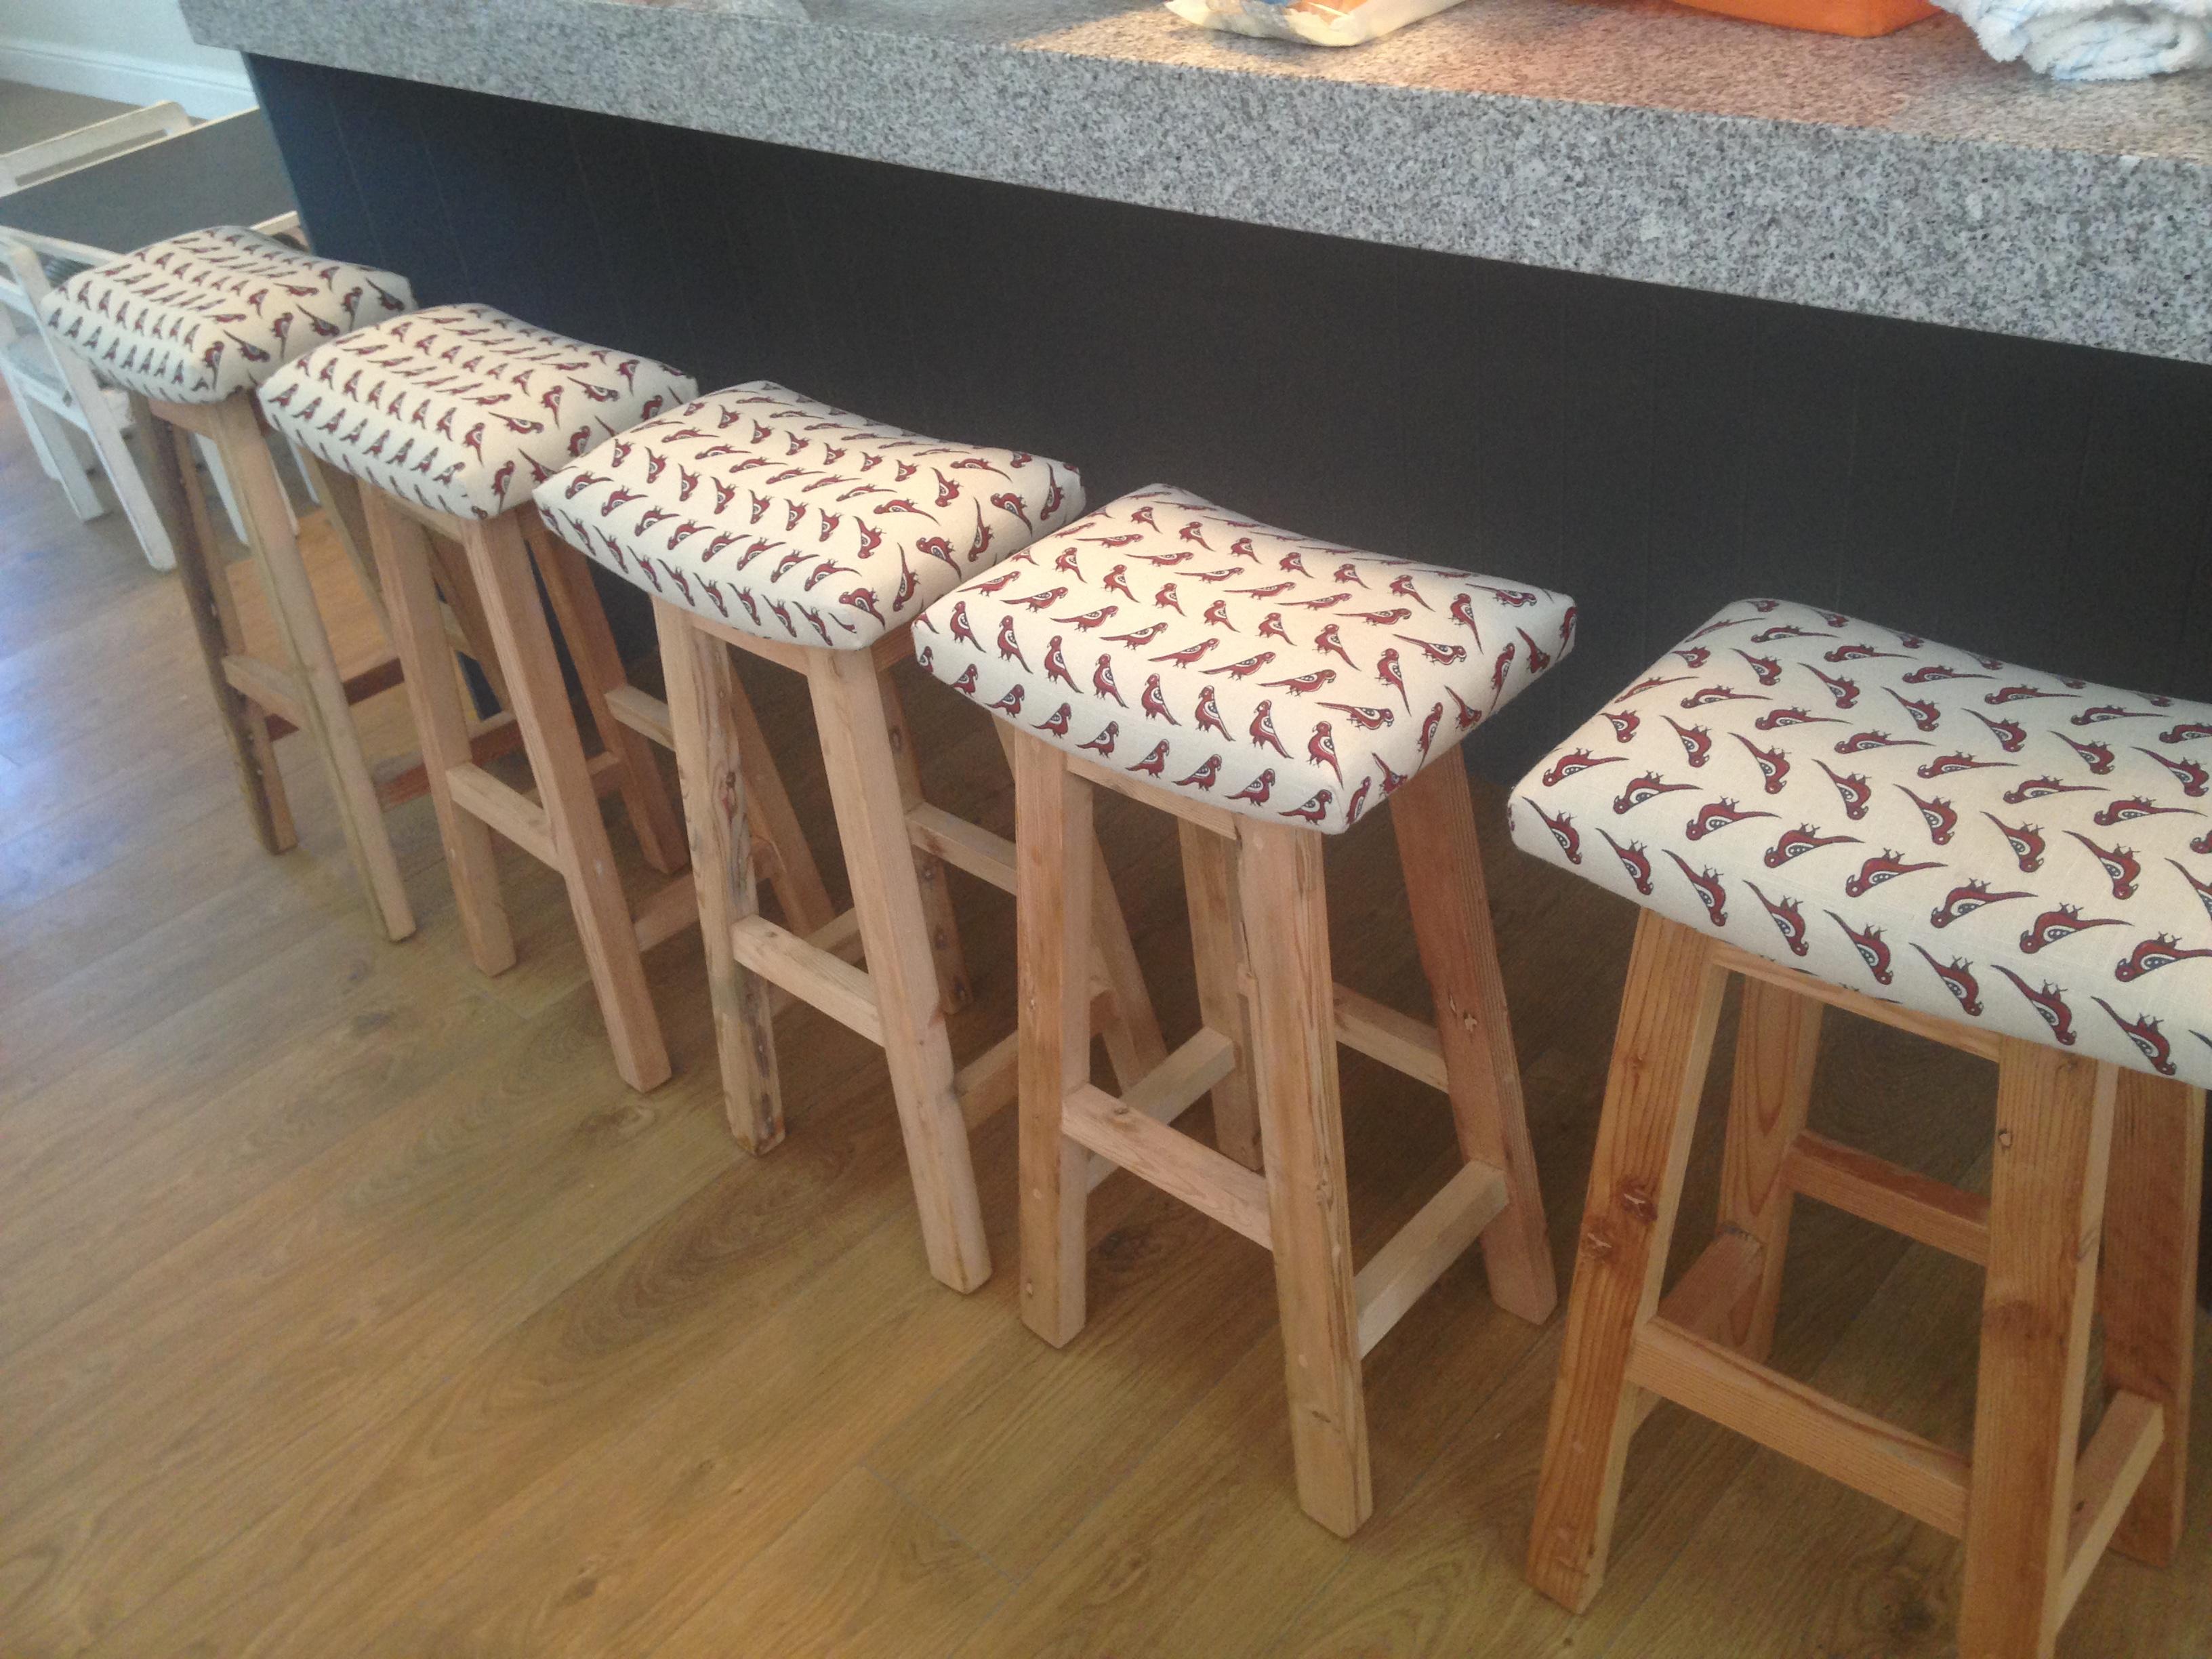 Jo's bar stools